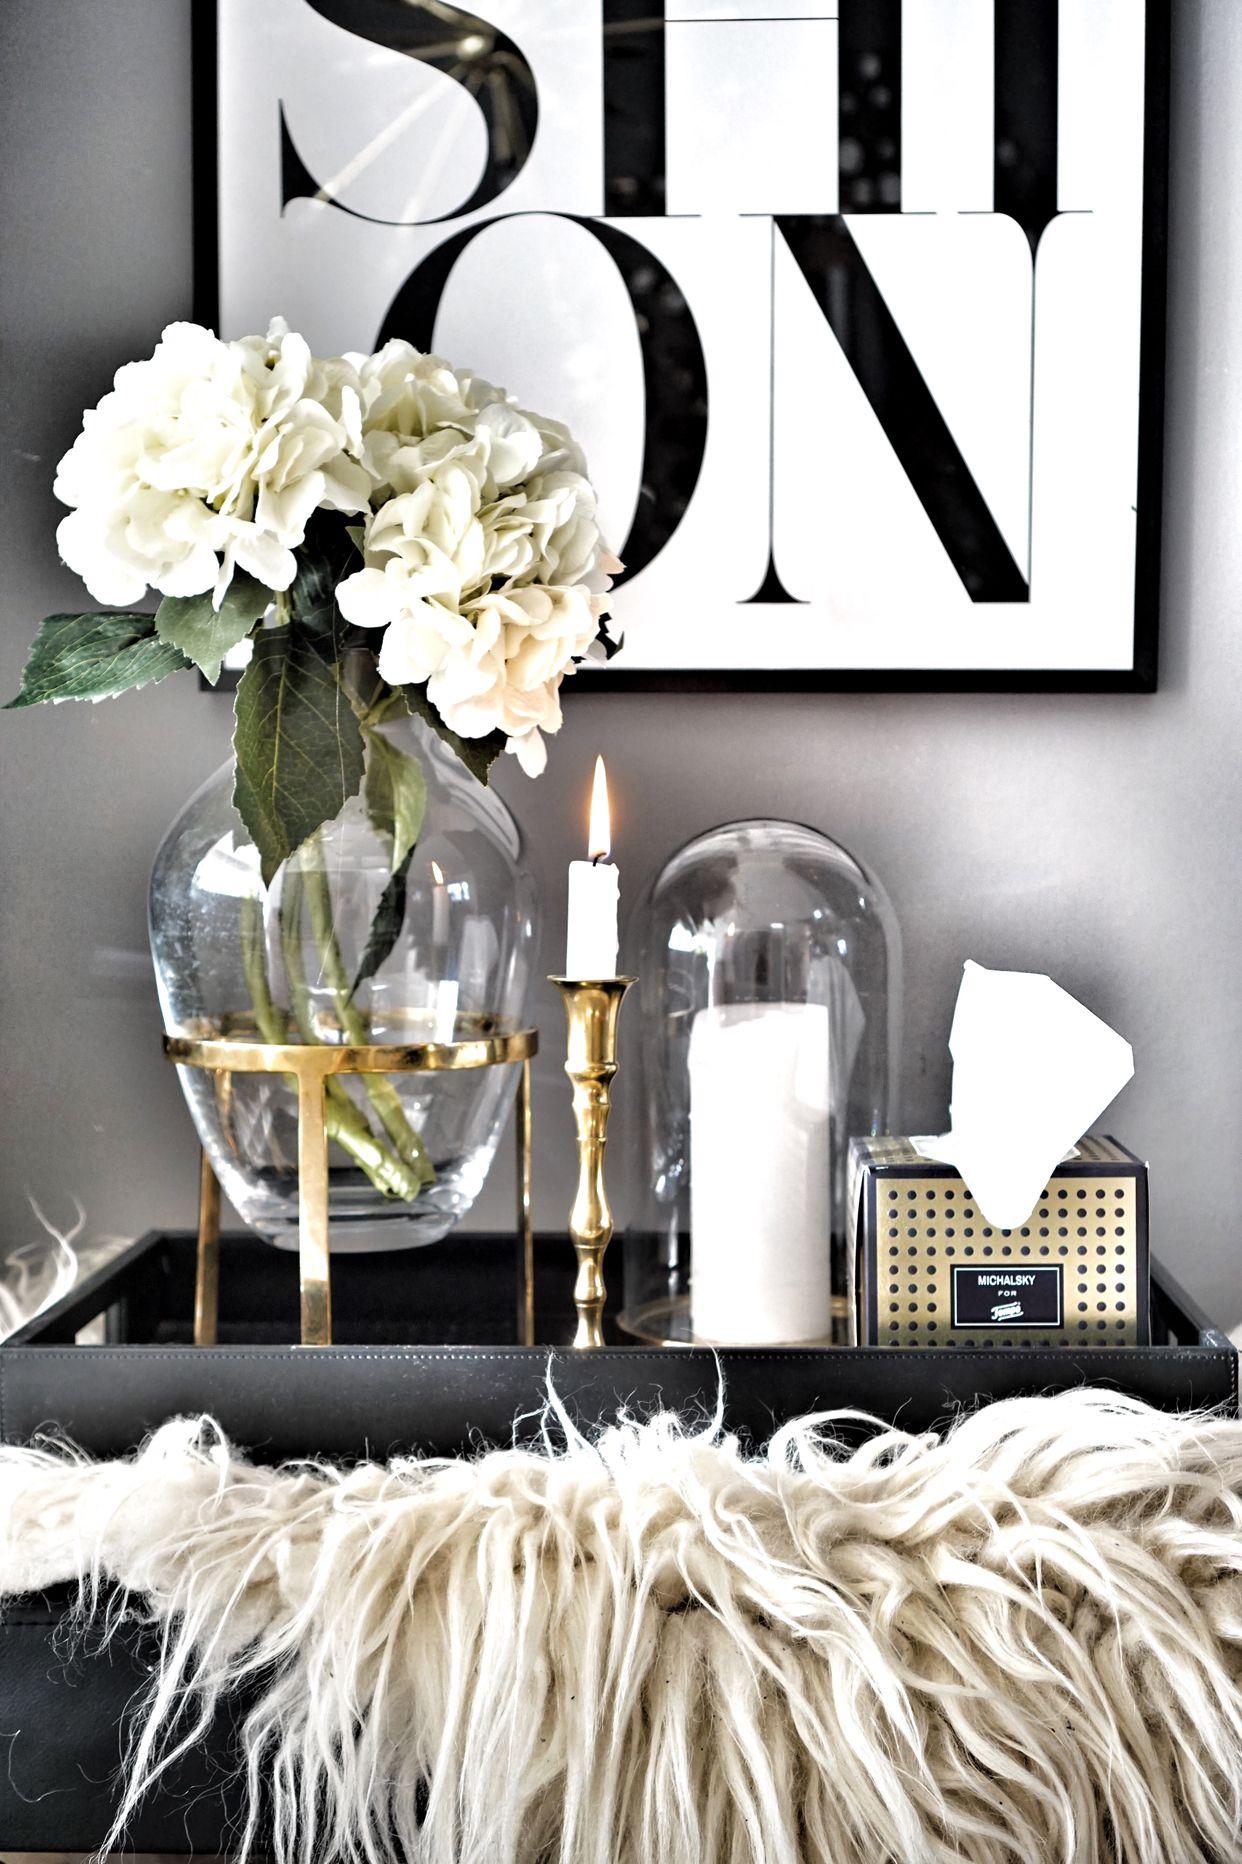 Wohnzimmer Details Tablett Vase(Werbung)  Wohnzimmer schwarz